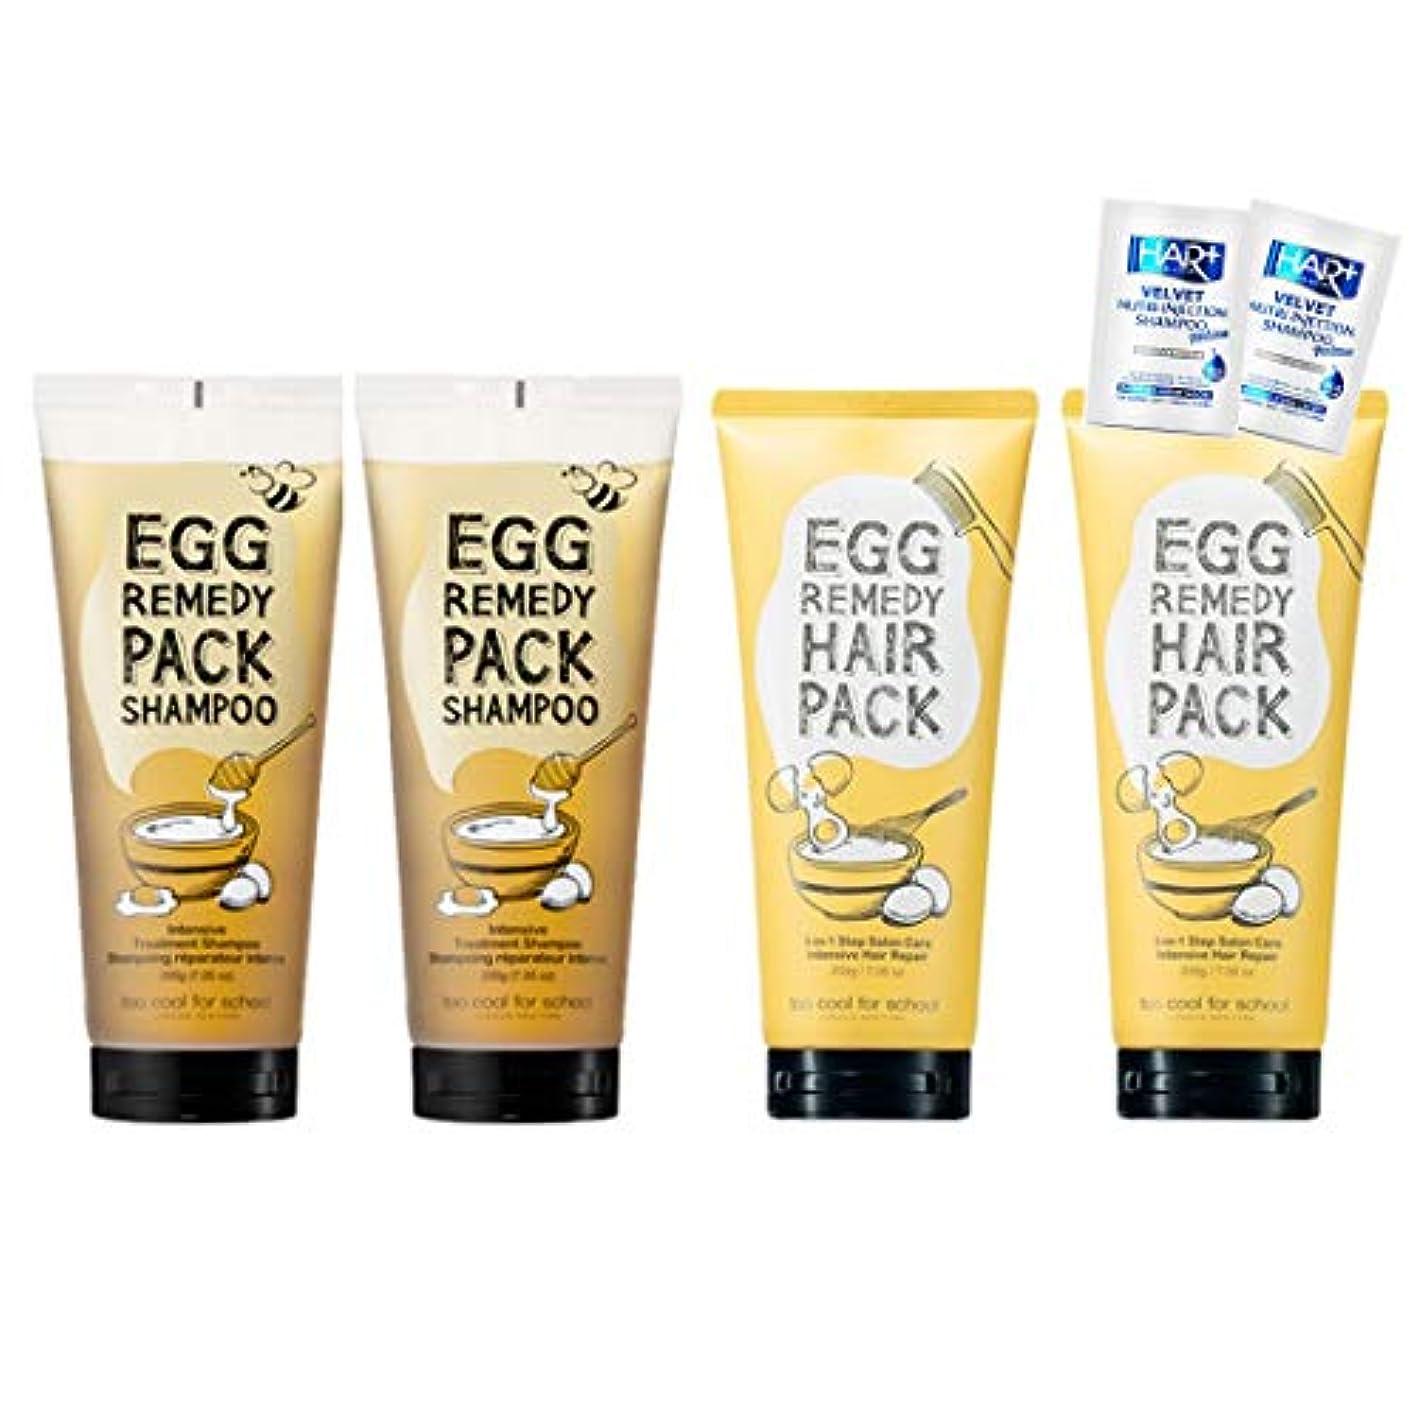 すばらしいです珍味リンクトゥークールフォ―スクール(too cool for school)/エッグレミディパックシャンプーtoo cool for school Egg Remedy Pack Shampoo 200ml X 2EA + エッグレミディヘアパック...